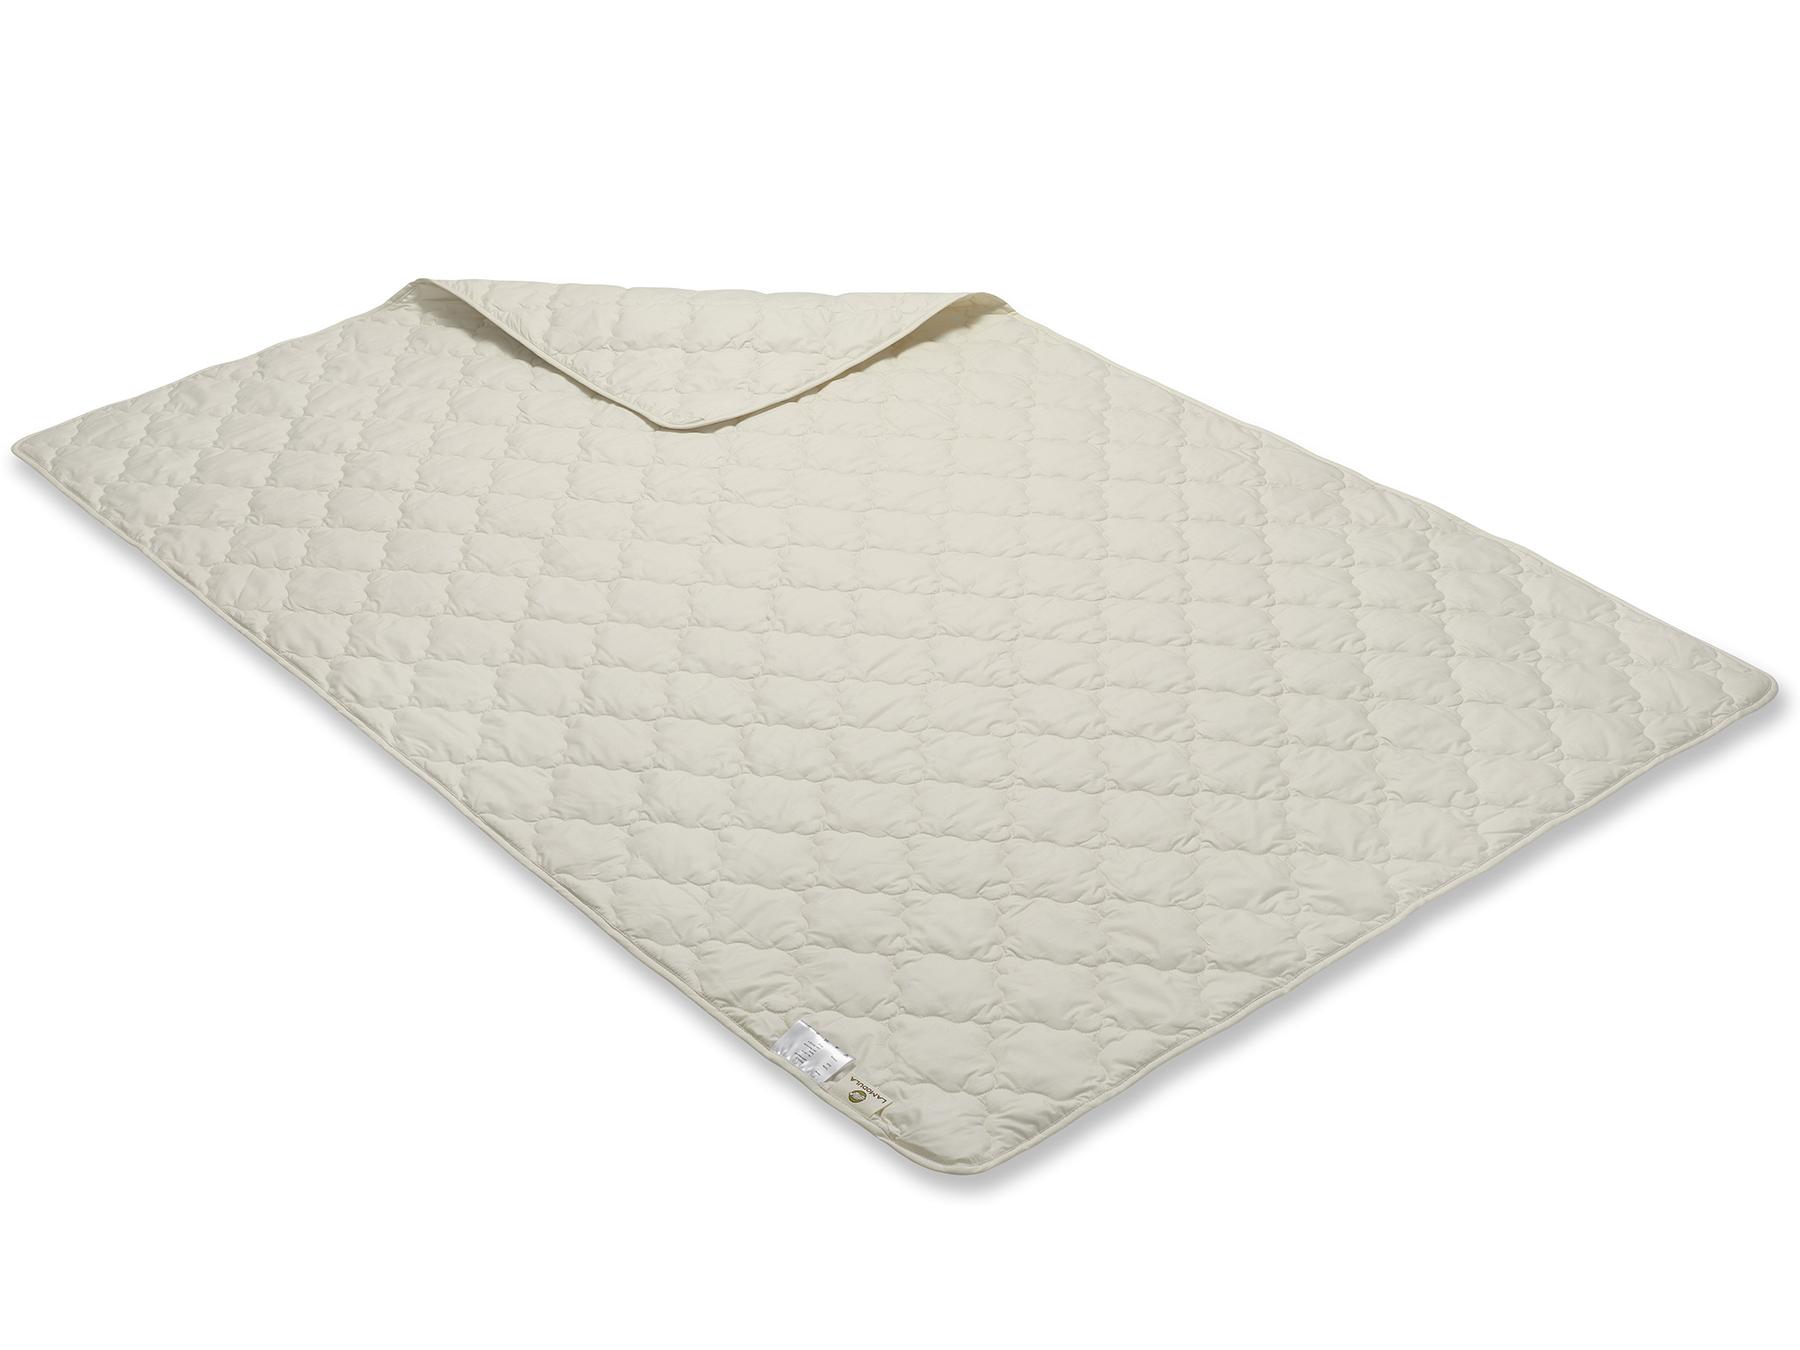 Diese Decke wird mit Vielnadeltechnik hergestellt wie man an der Steppung erkennen kann.